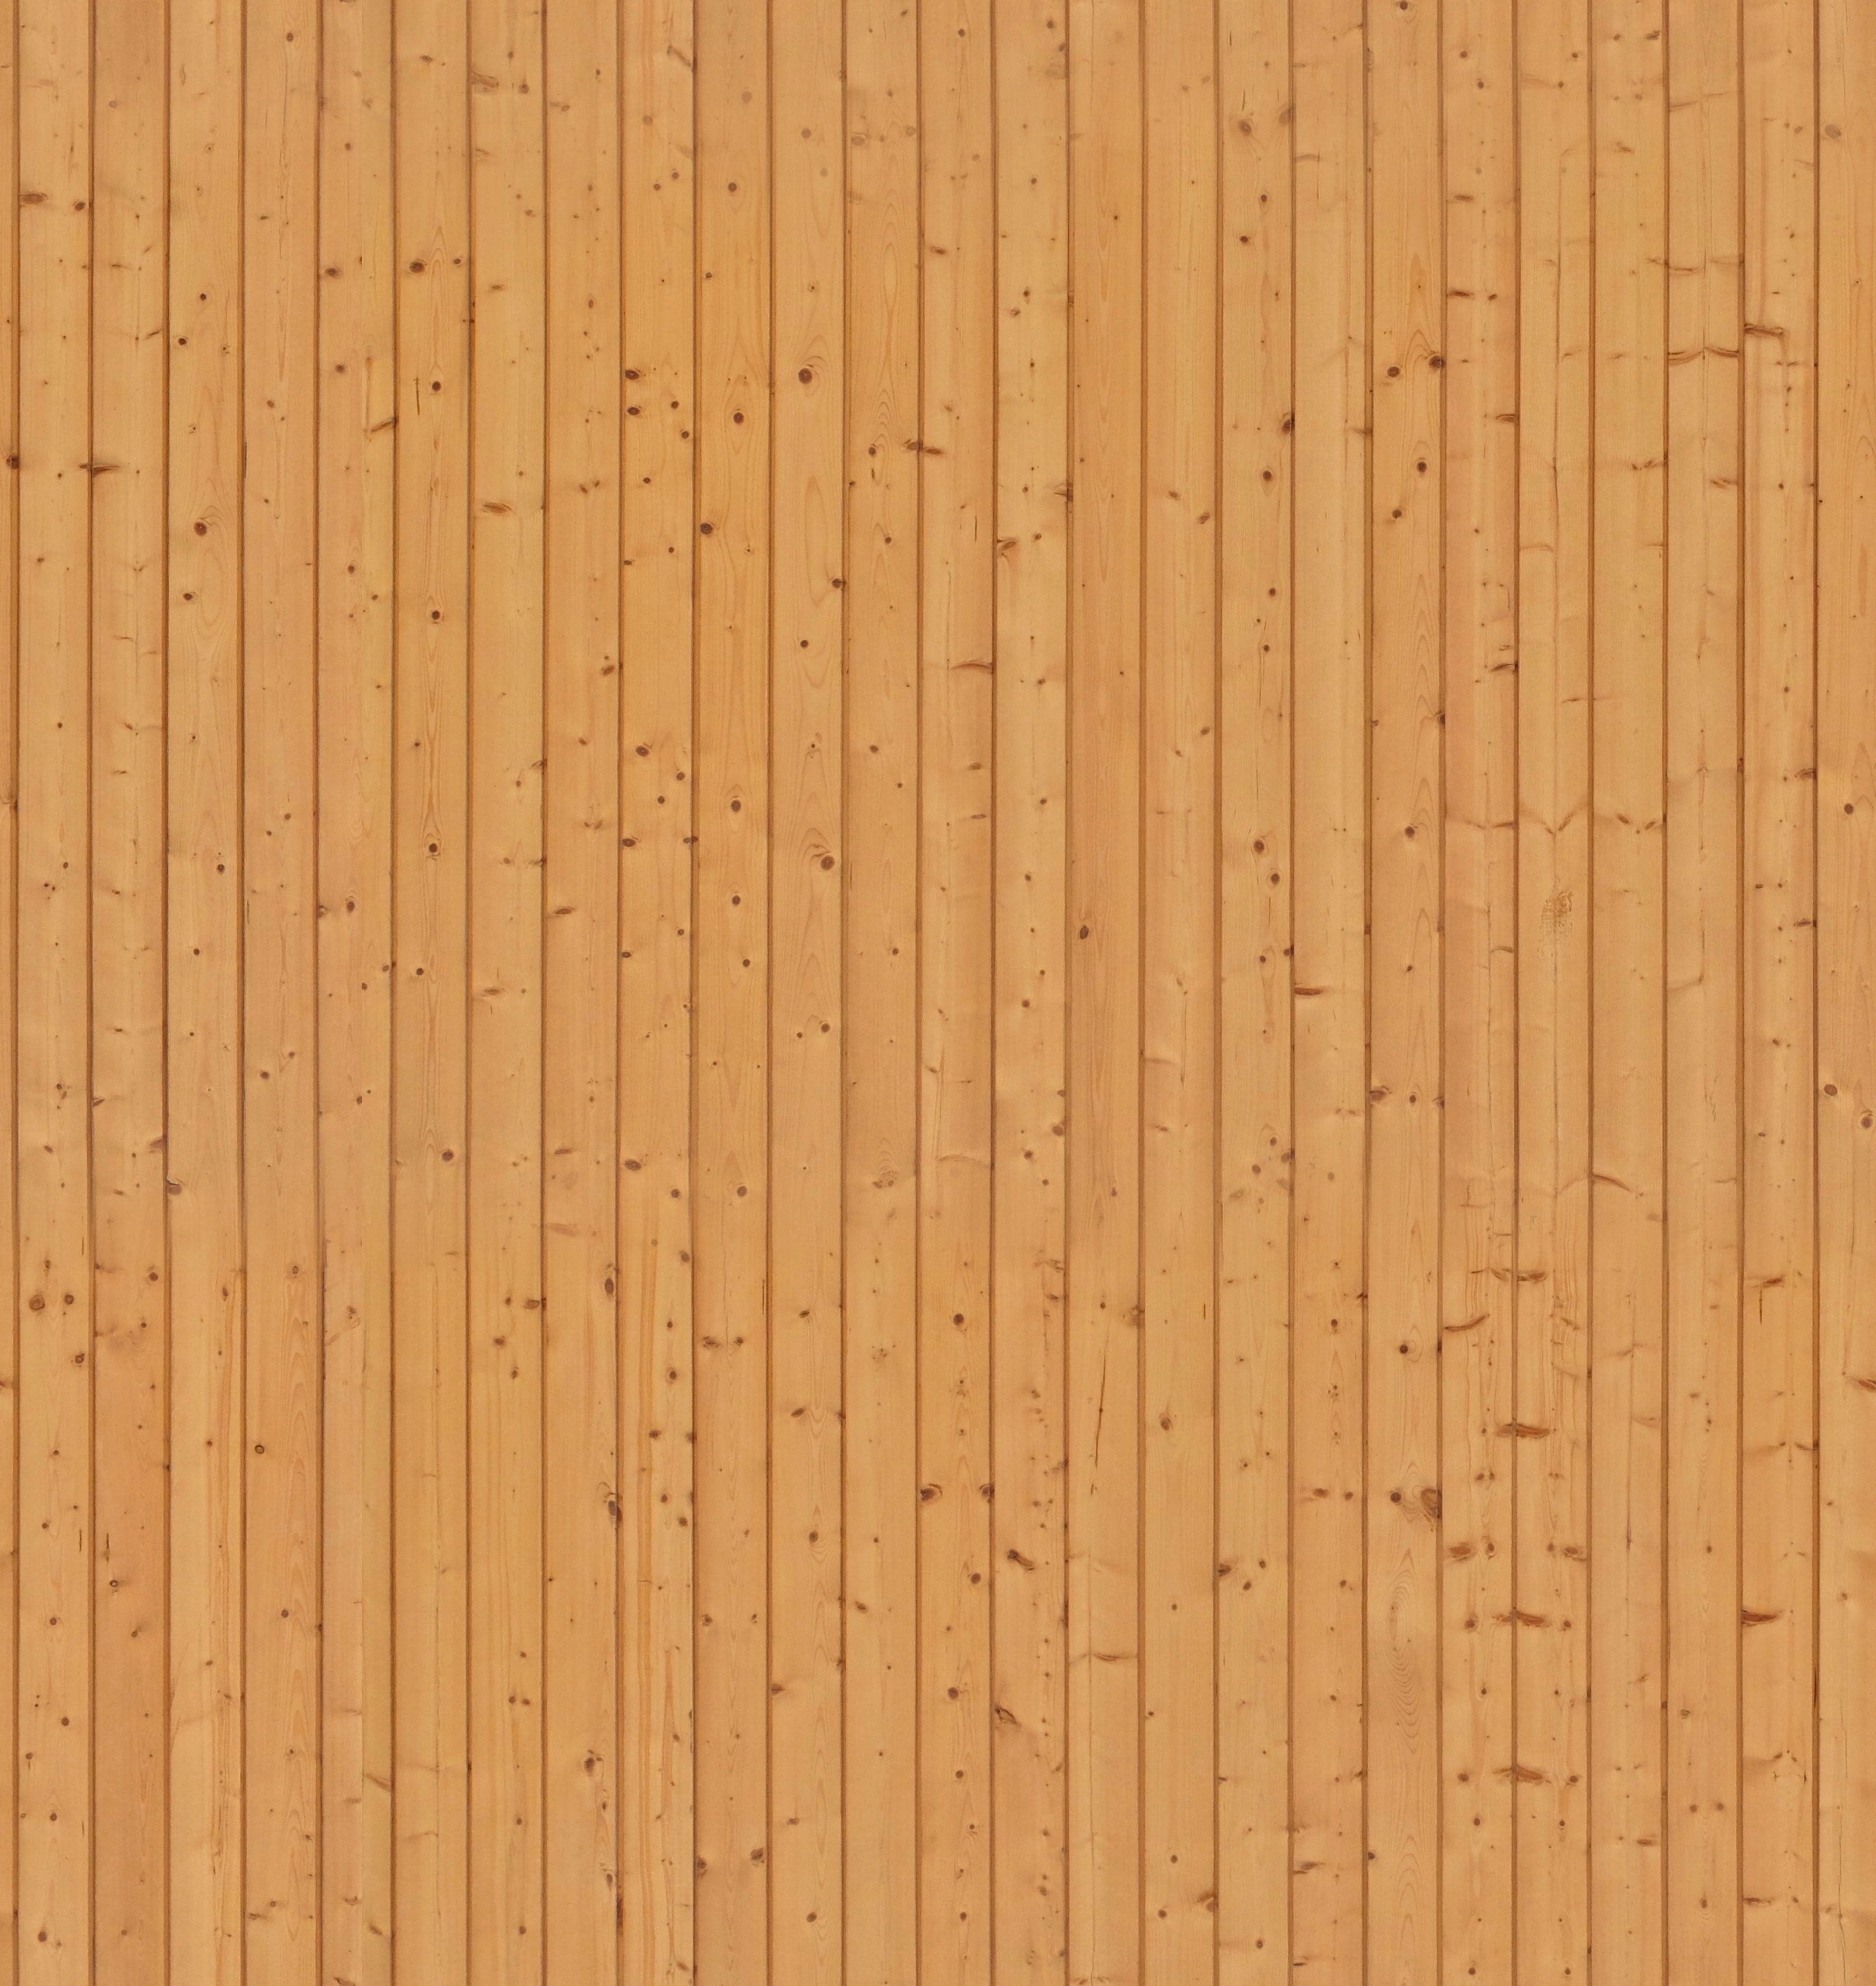 Timber panels light g textures pinterest